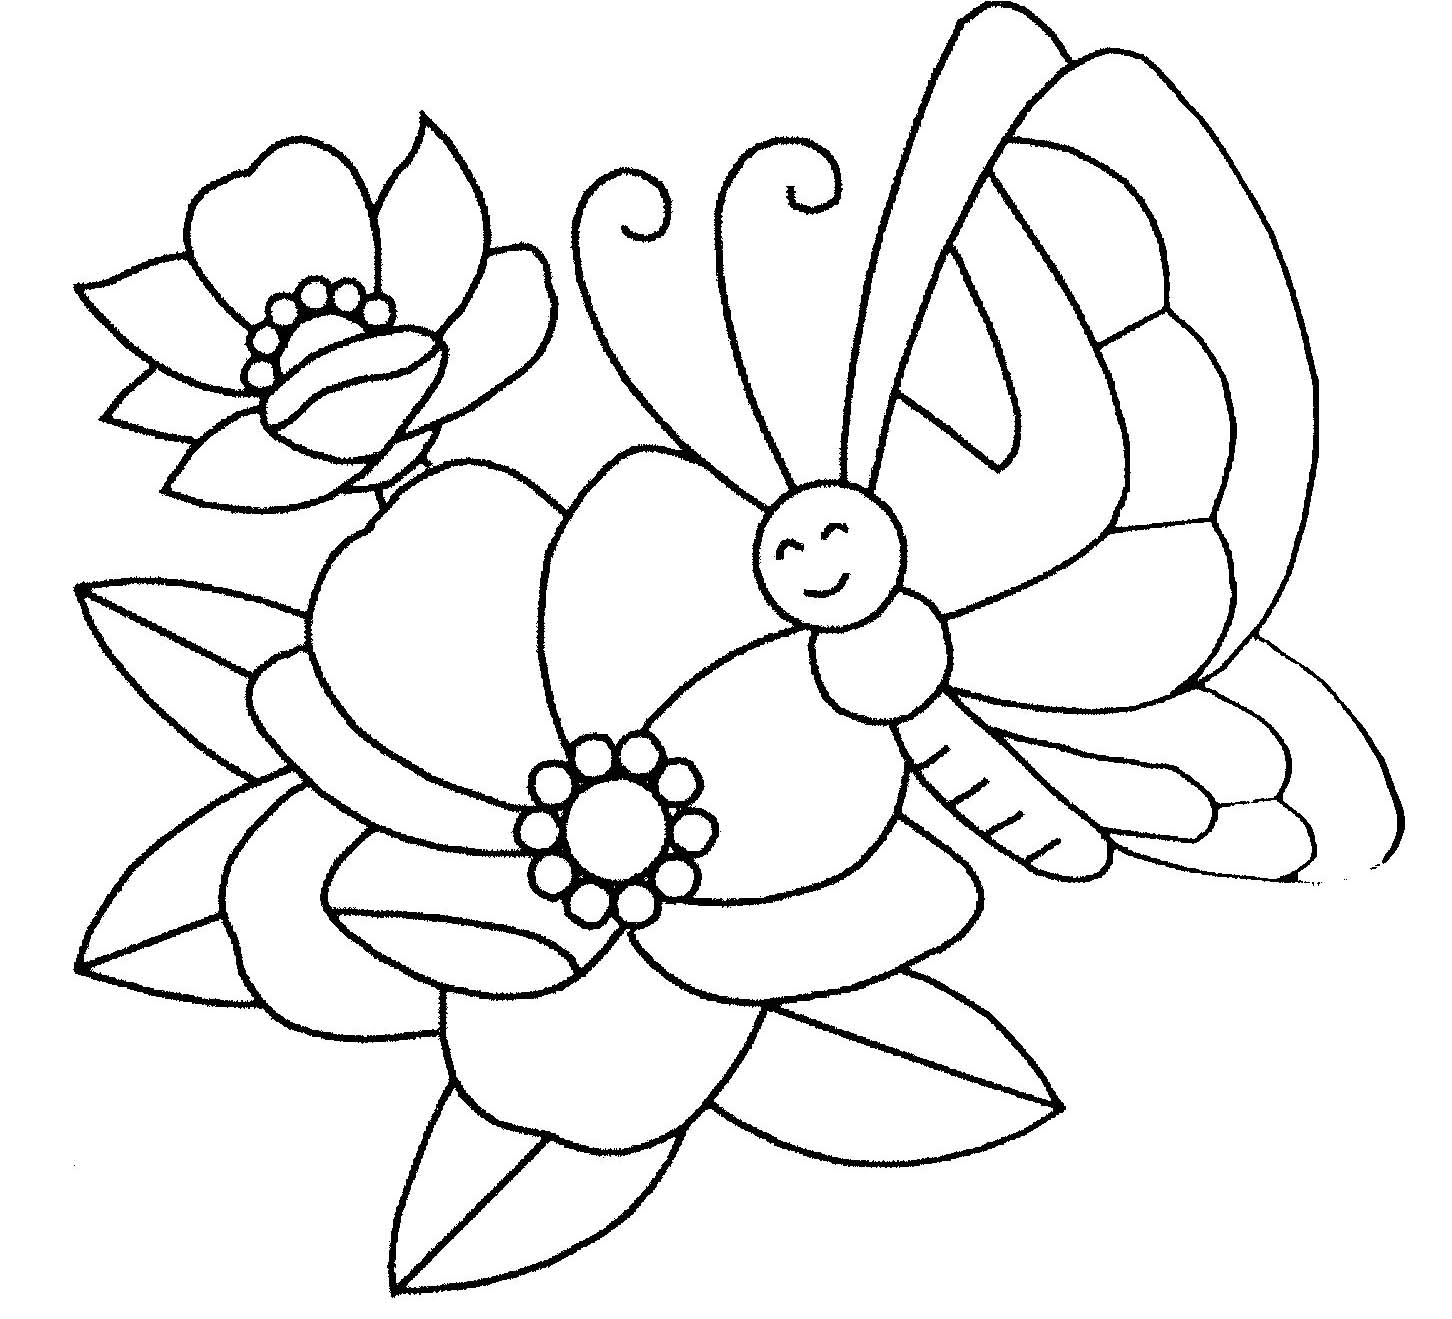 Coloriages imprimer fleurs num ro 17218 - Initiatives fleurs et nature ...